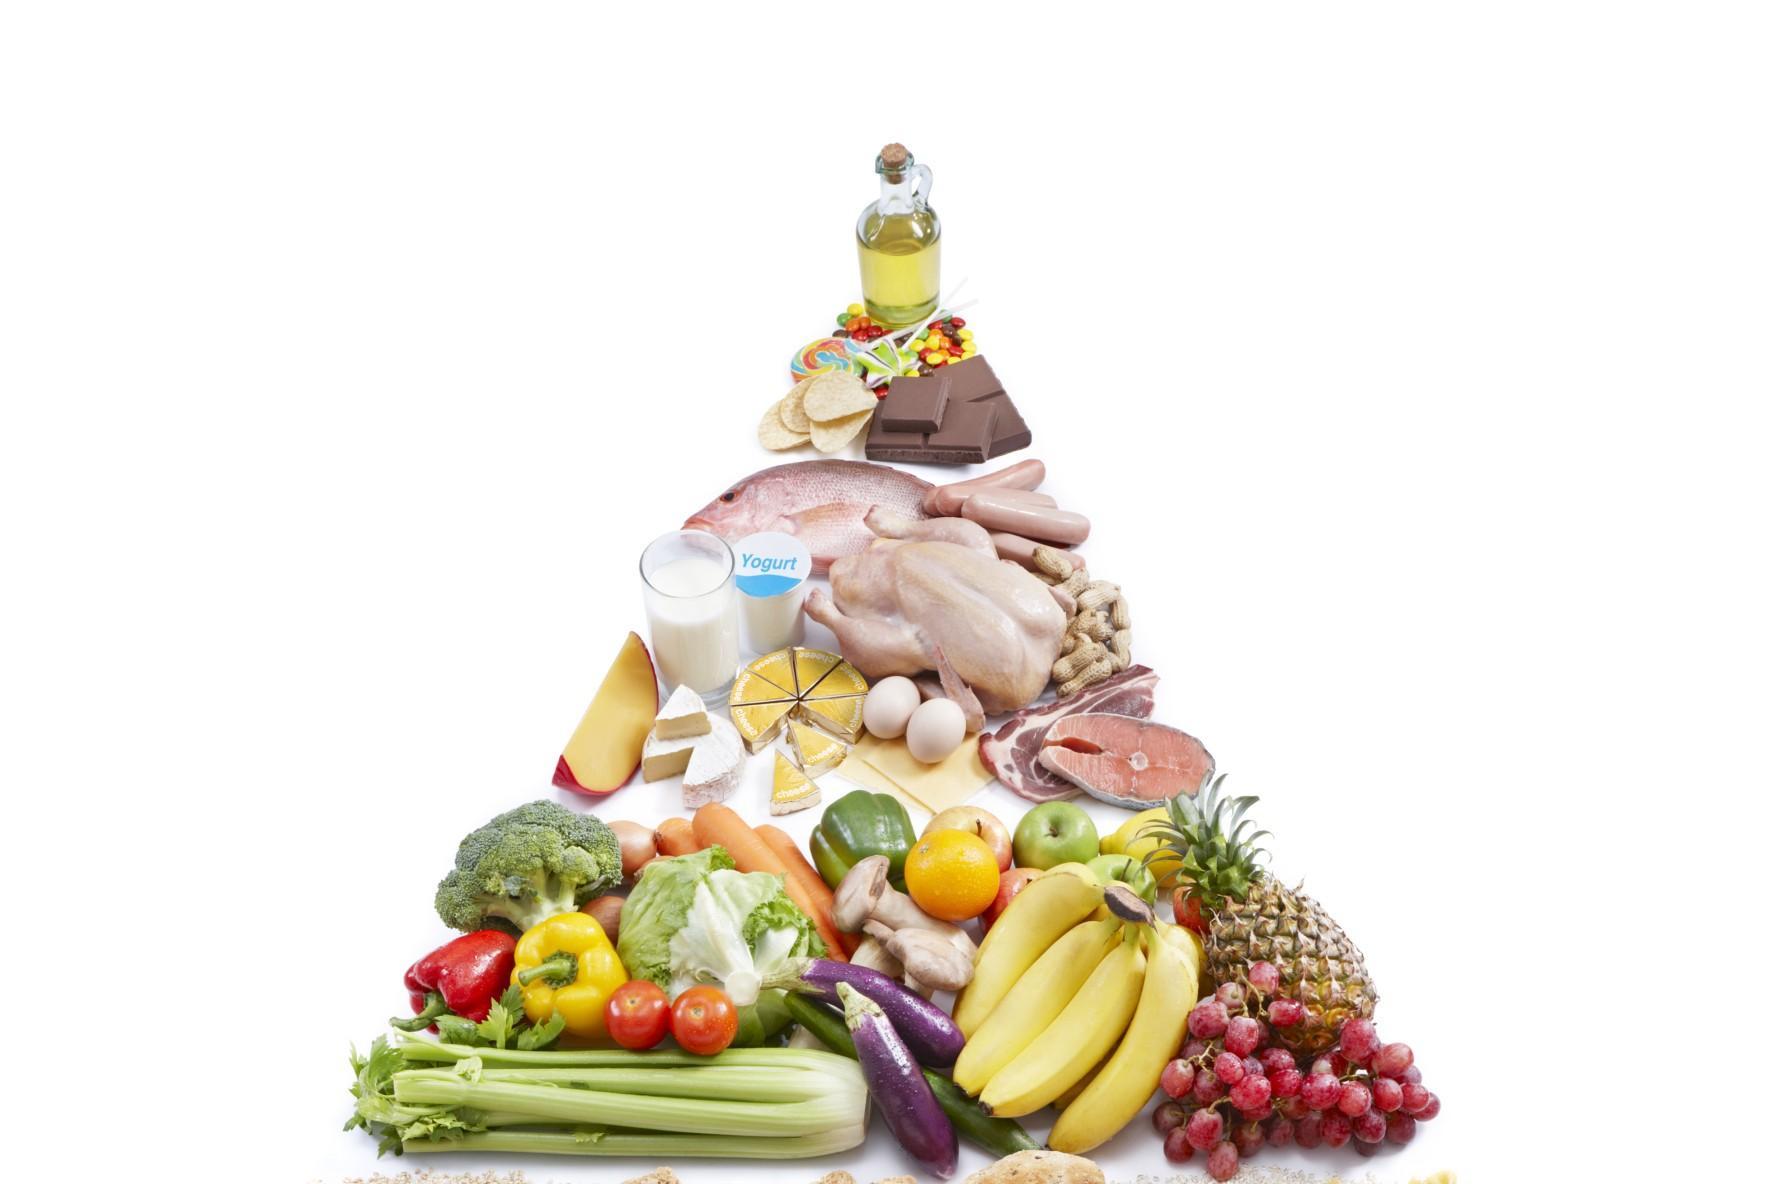 La dieta dopo le feste